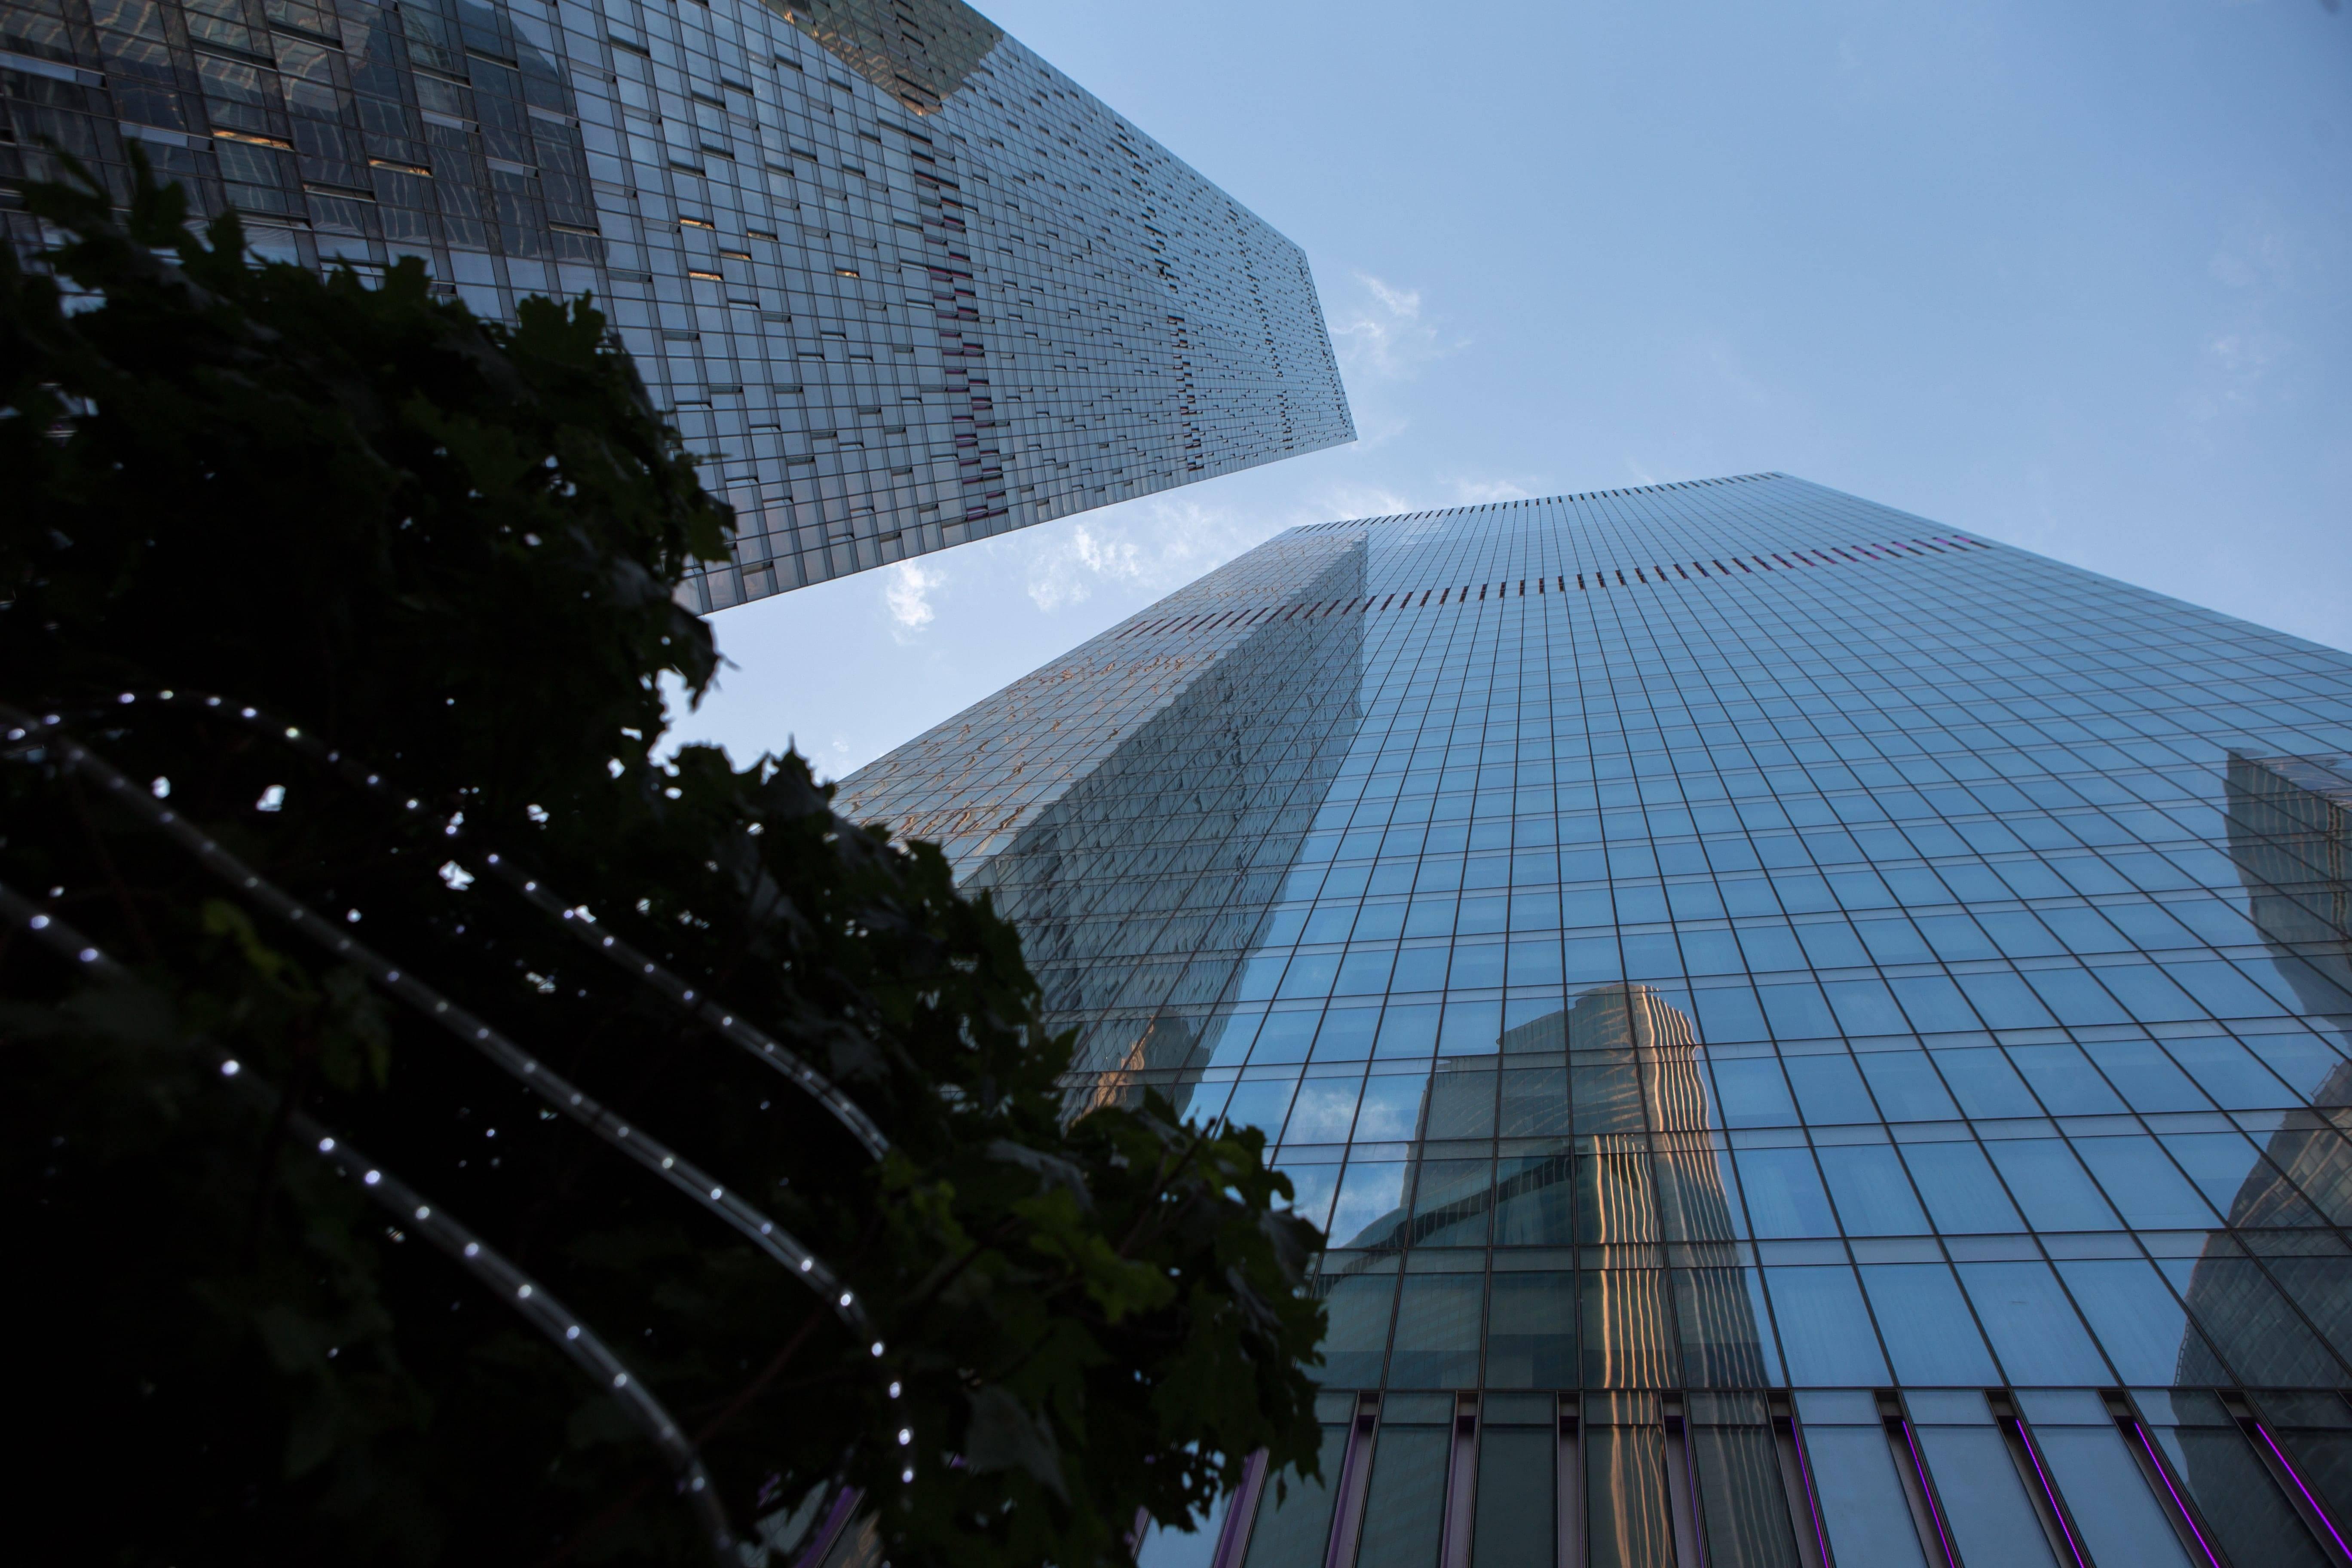 Новая жизнь в стиле ОКО: кому стоит переехать в небоскреб